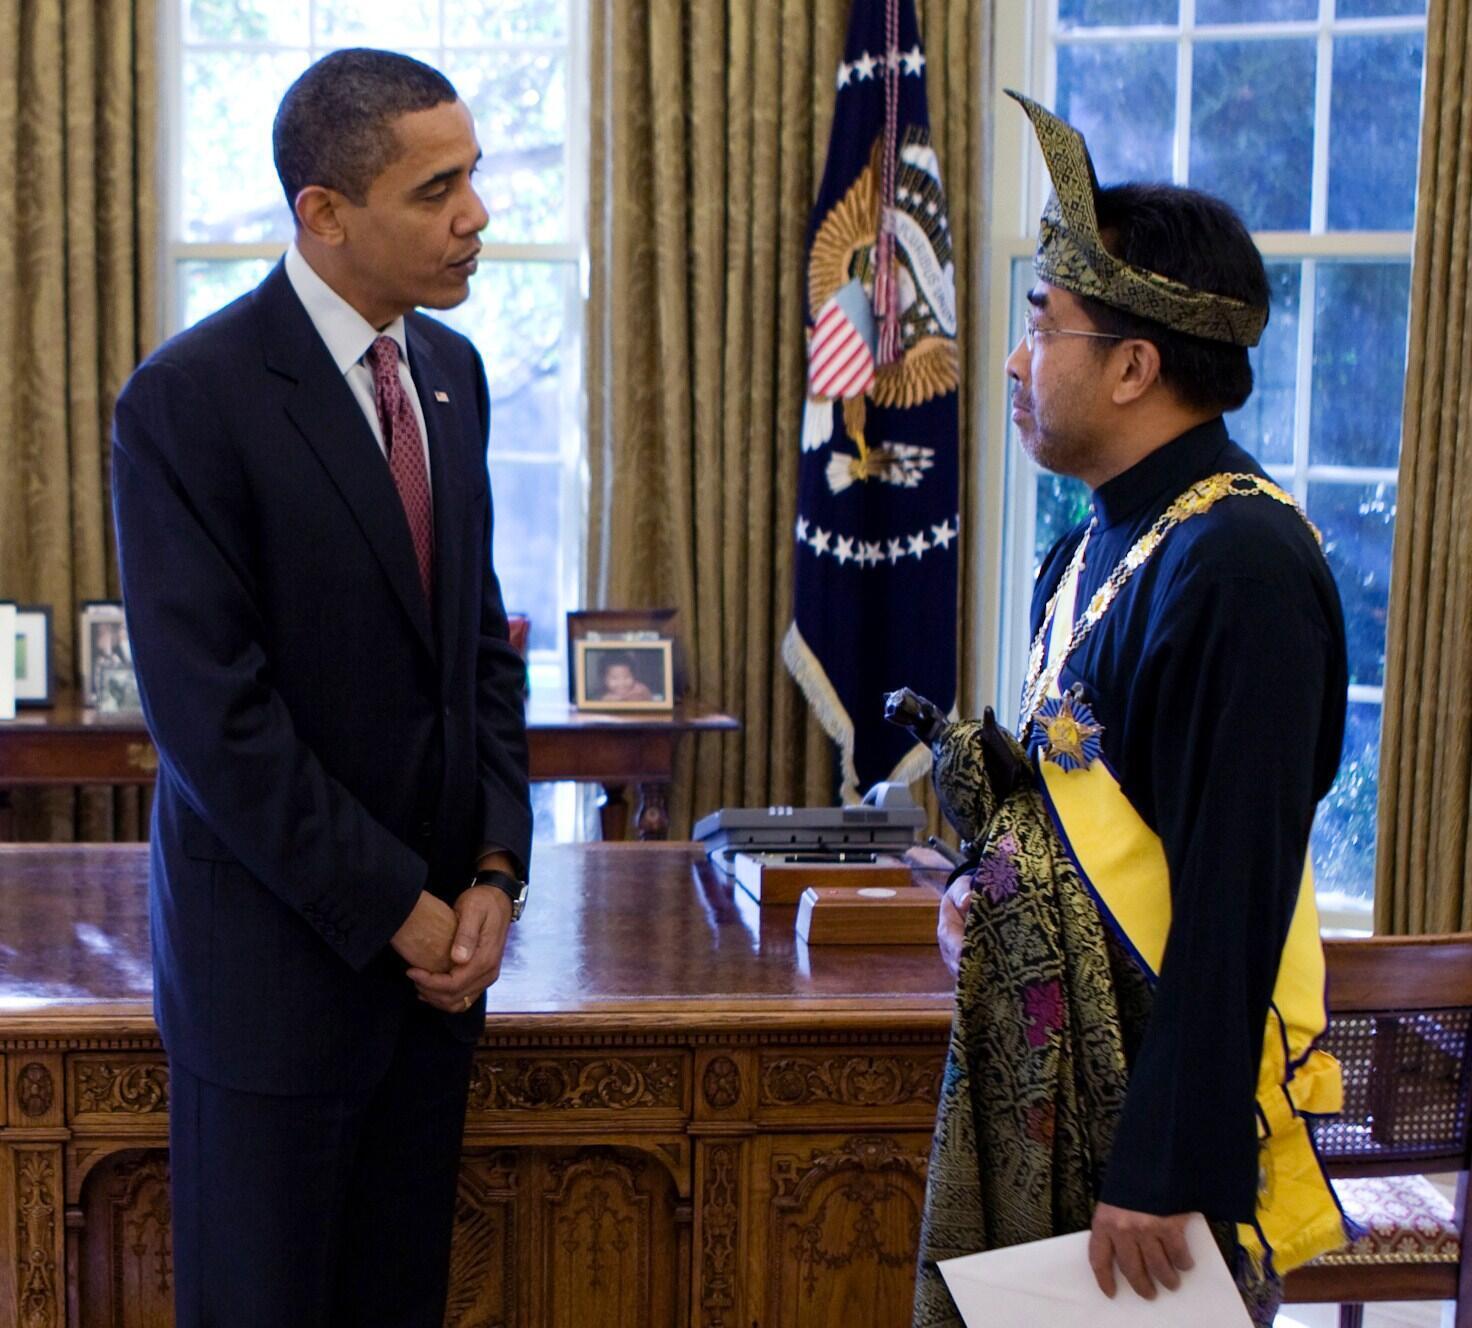 Tổng thống Hoa Kỳ Obama (P) tiếp ông Jamaluddin Jarjis, được bổ nhiệm làm Đại sứ Malaysia tại Mỹ, Phòng Bầu dục, Washington, 04/11/2009.